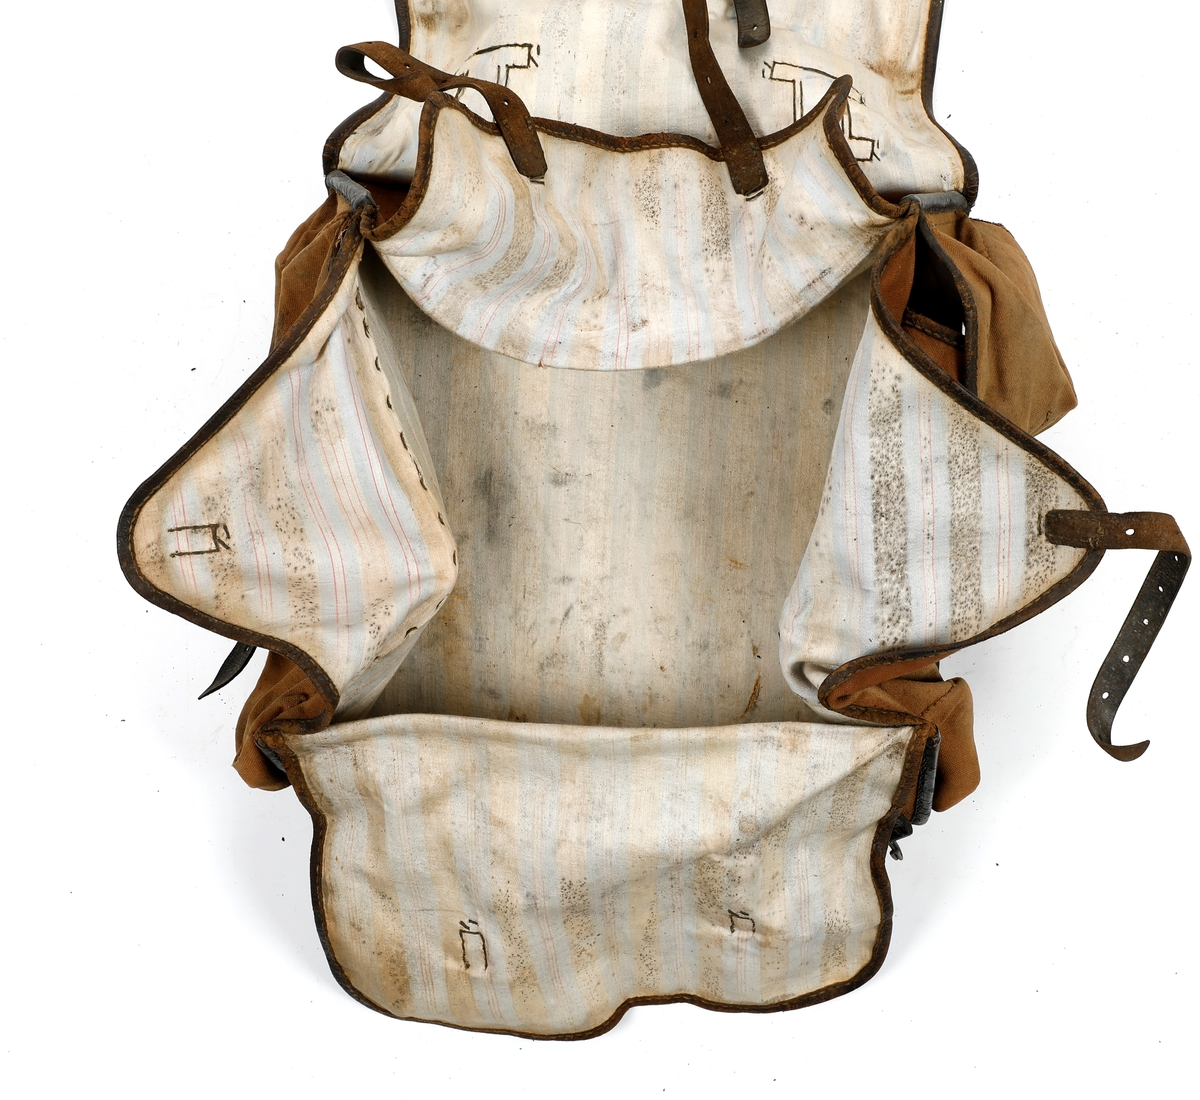 Militærransel i tekstil med kantet med lær. Lommer på hver side av ranselen. Foret med tekstil i bomull. Skulderreimer i læs, hvorav en kan festes til en metallspenne og den andre til en hekte. To doble smøystole på toppen av ranselen. Under lokket er det fire klaffer, to reimer i lær på ytre klaff og en reim på indre klaffer, som som festes til metallspenner. Ranselen er misformet.